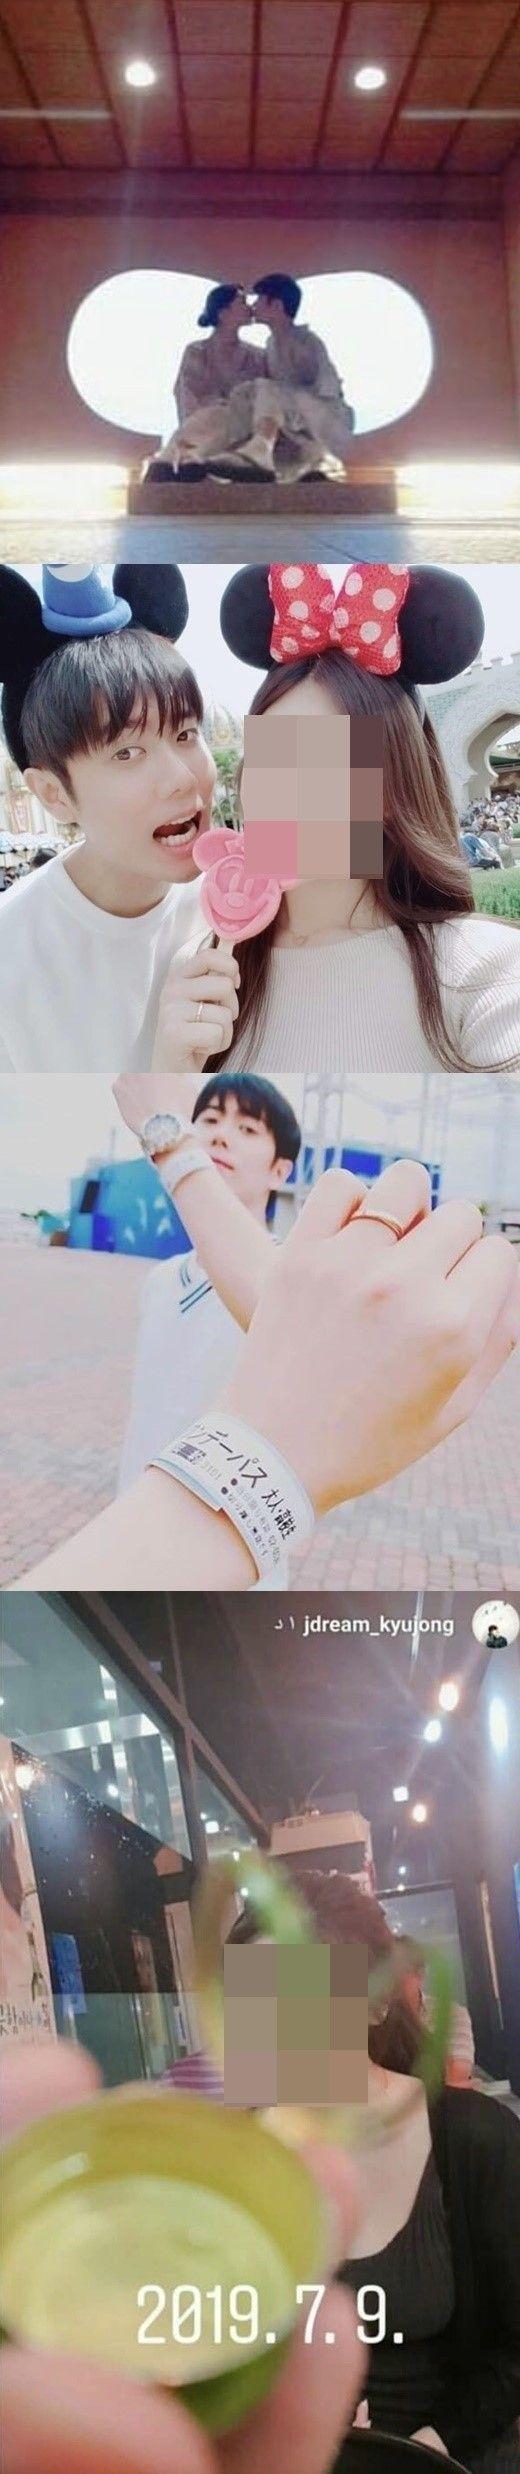 김규종은 지난 24일 자신의 SNS에 연인과의 데이트 사진을 올렸다. / 사진 = 김규종 인스타그램